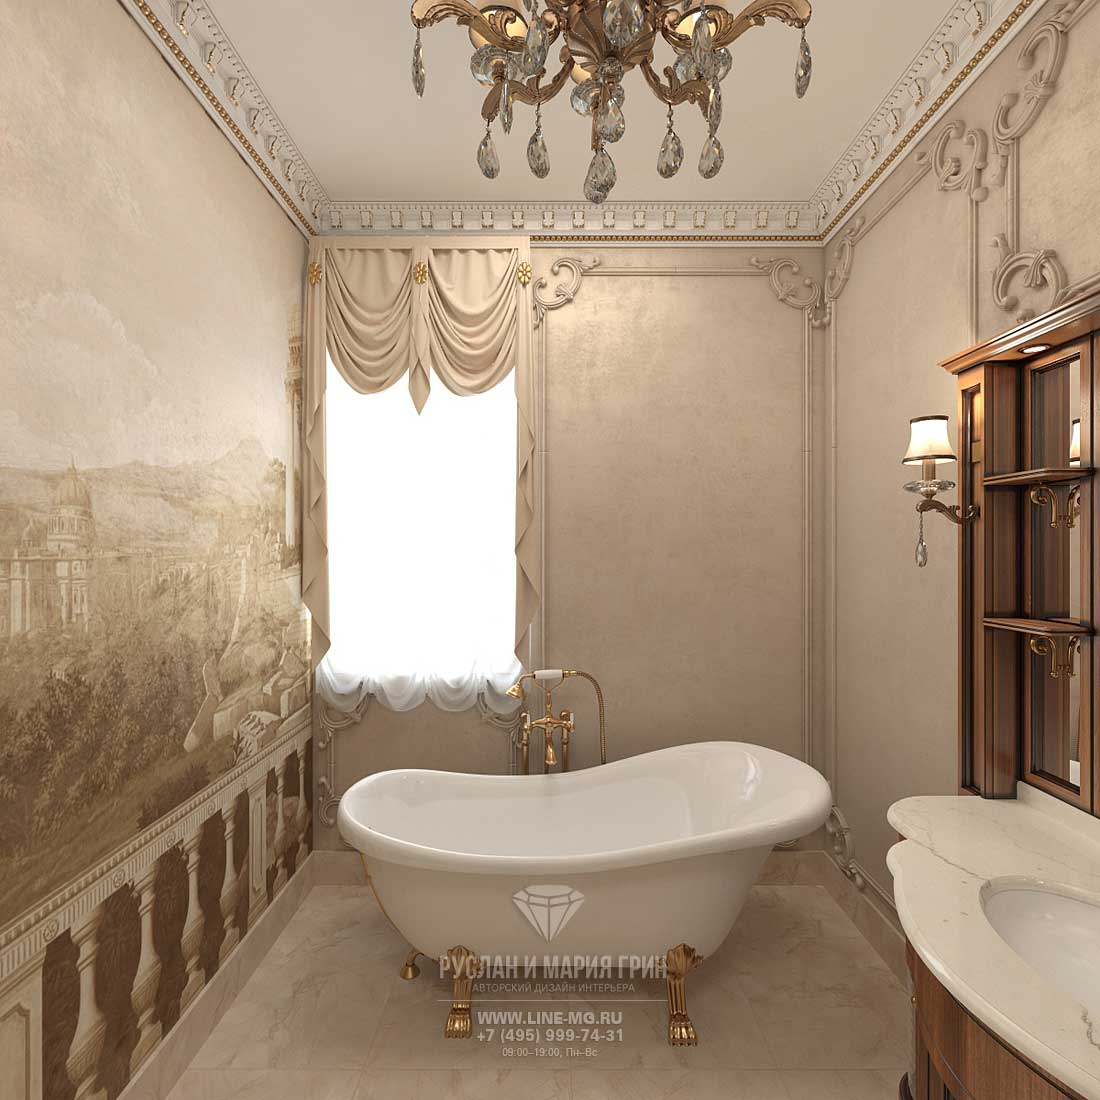 Дизайн ванных гостиничных комнат новосибирск купить сенсорный смеситель с